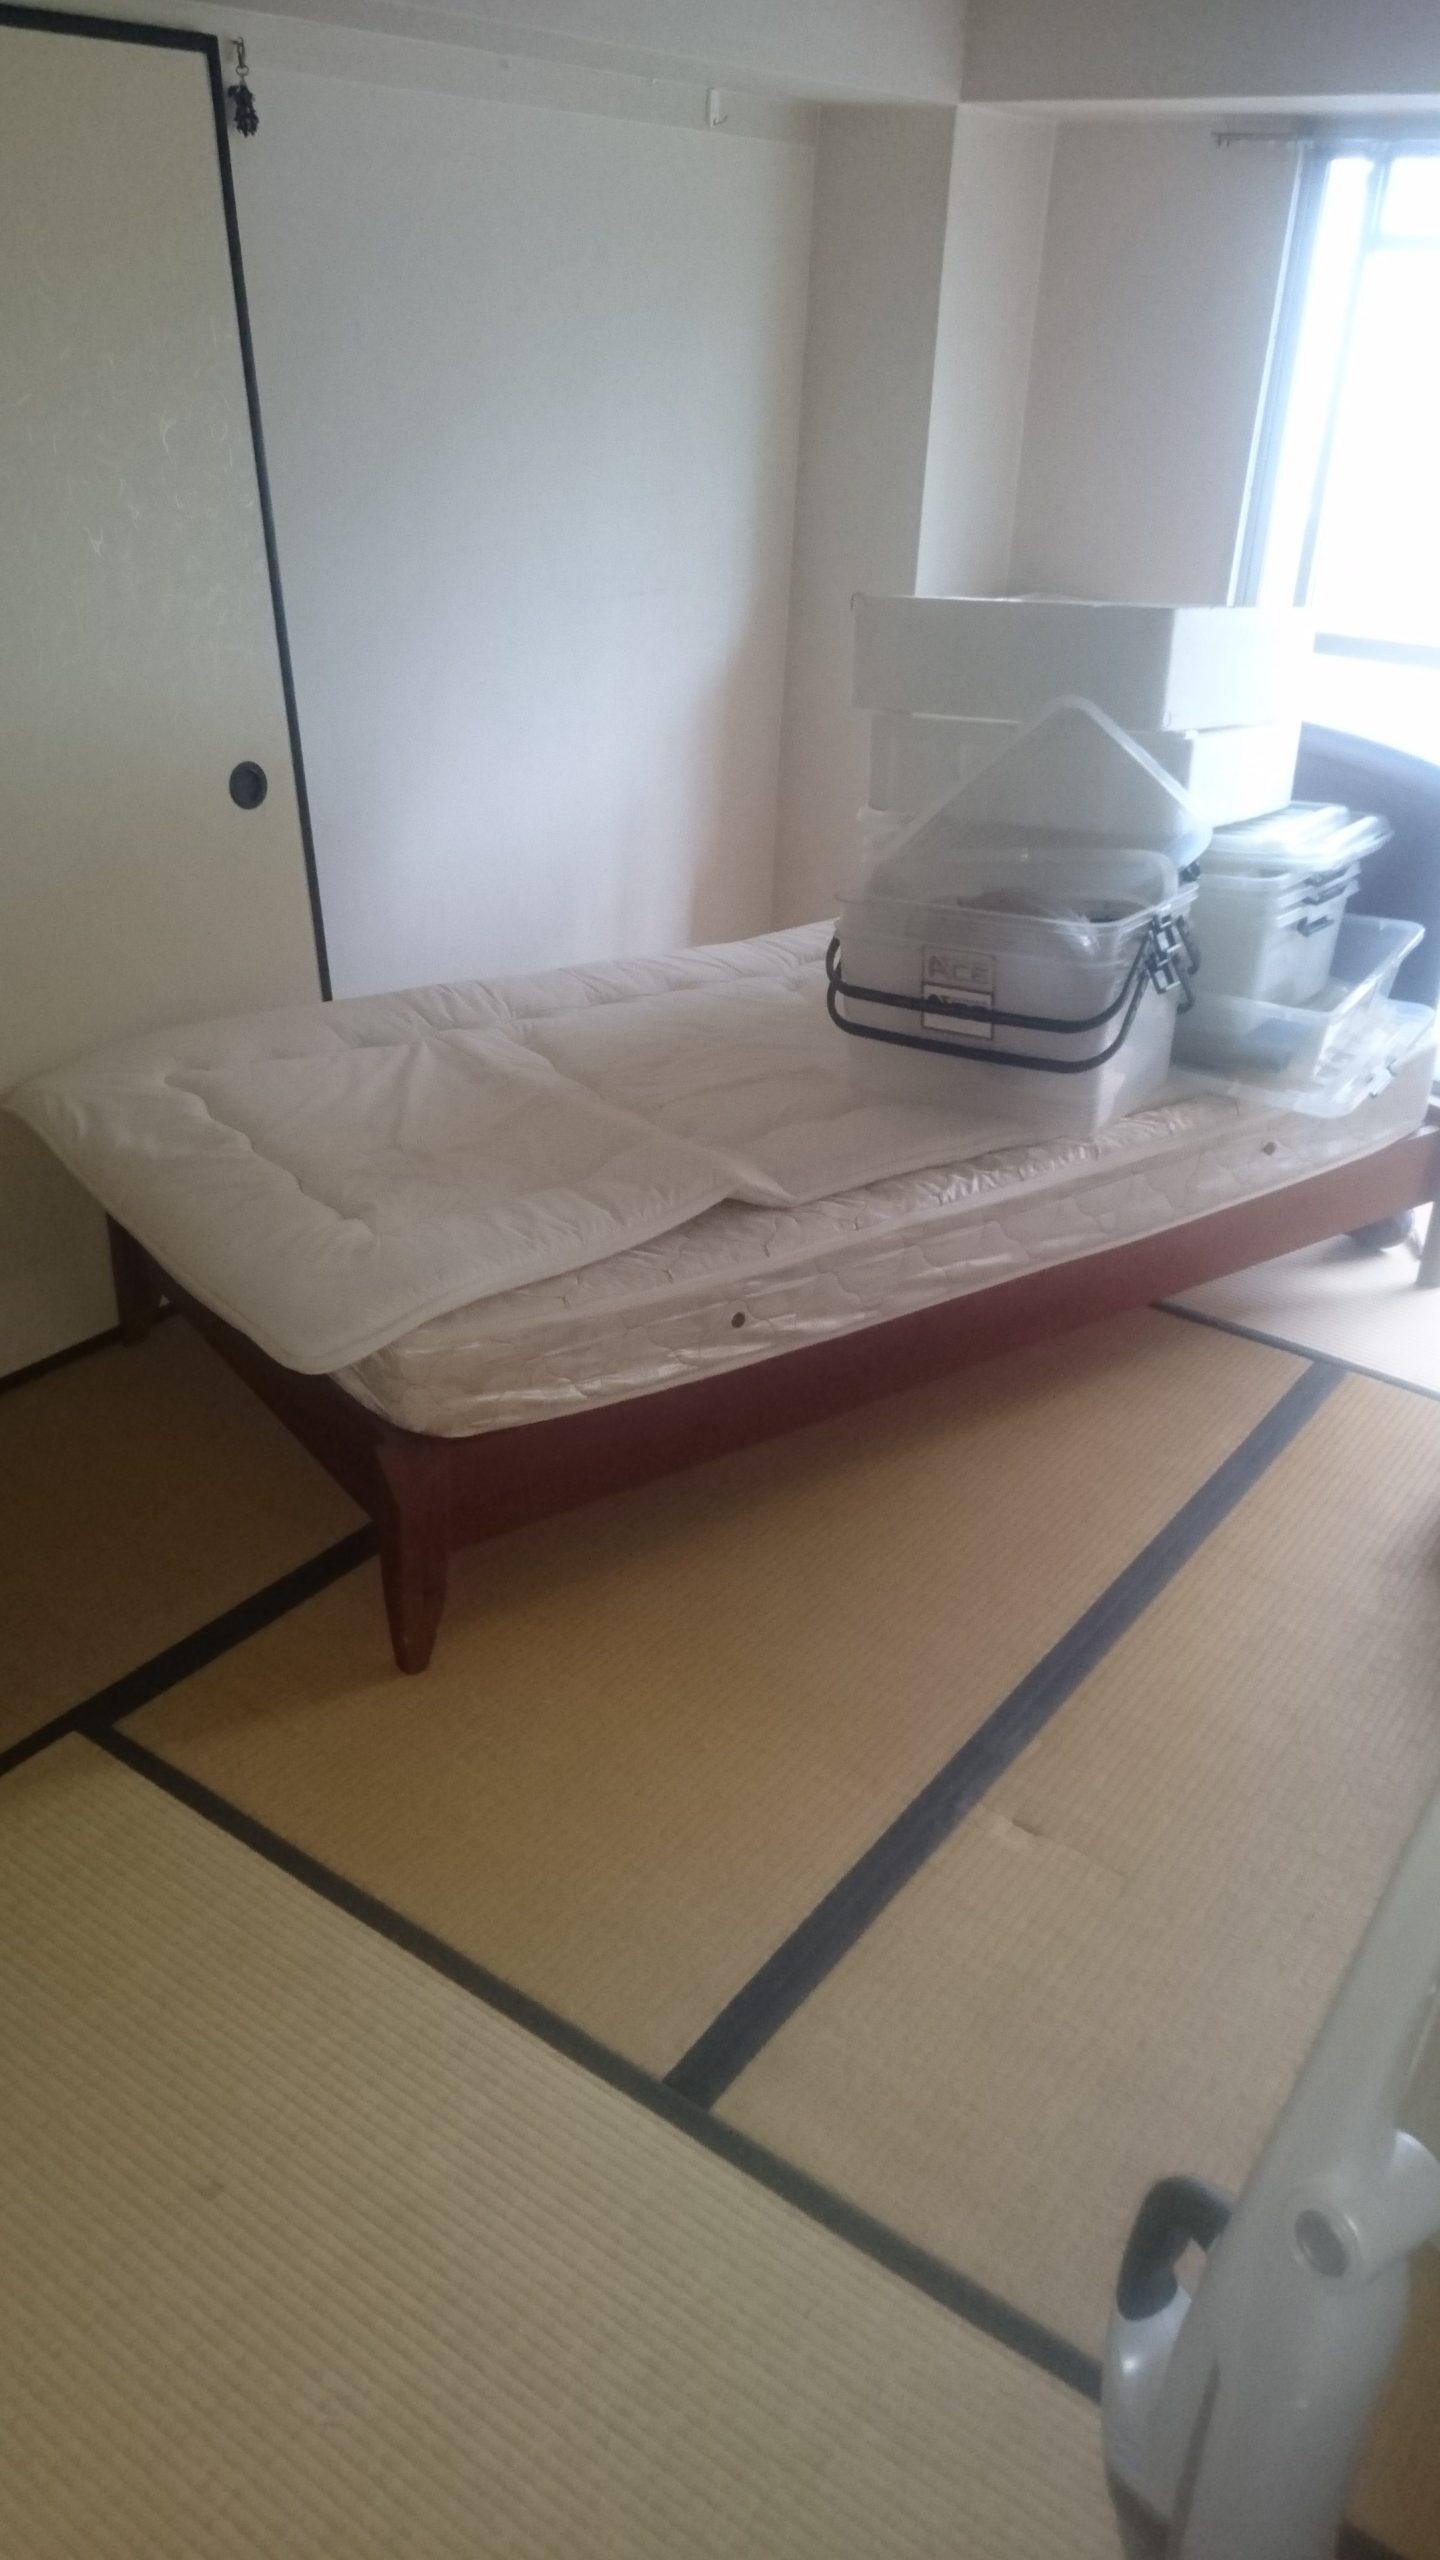 【愛知県名古屋市熱田区】和室内のベッドと衣装ケースの解体・回収